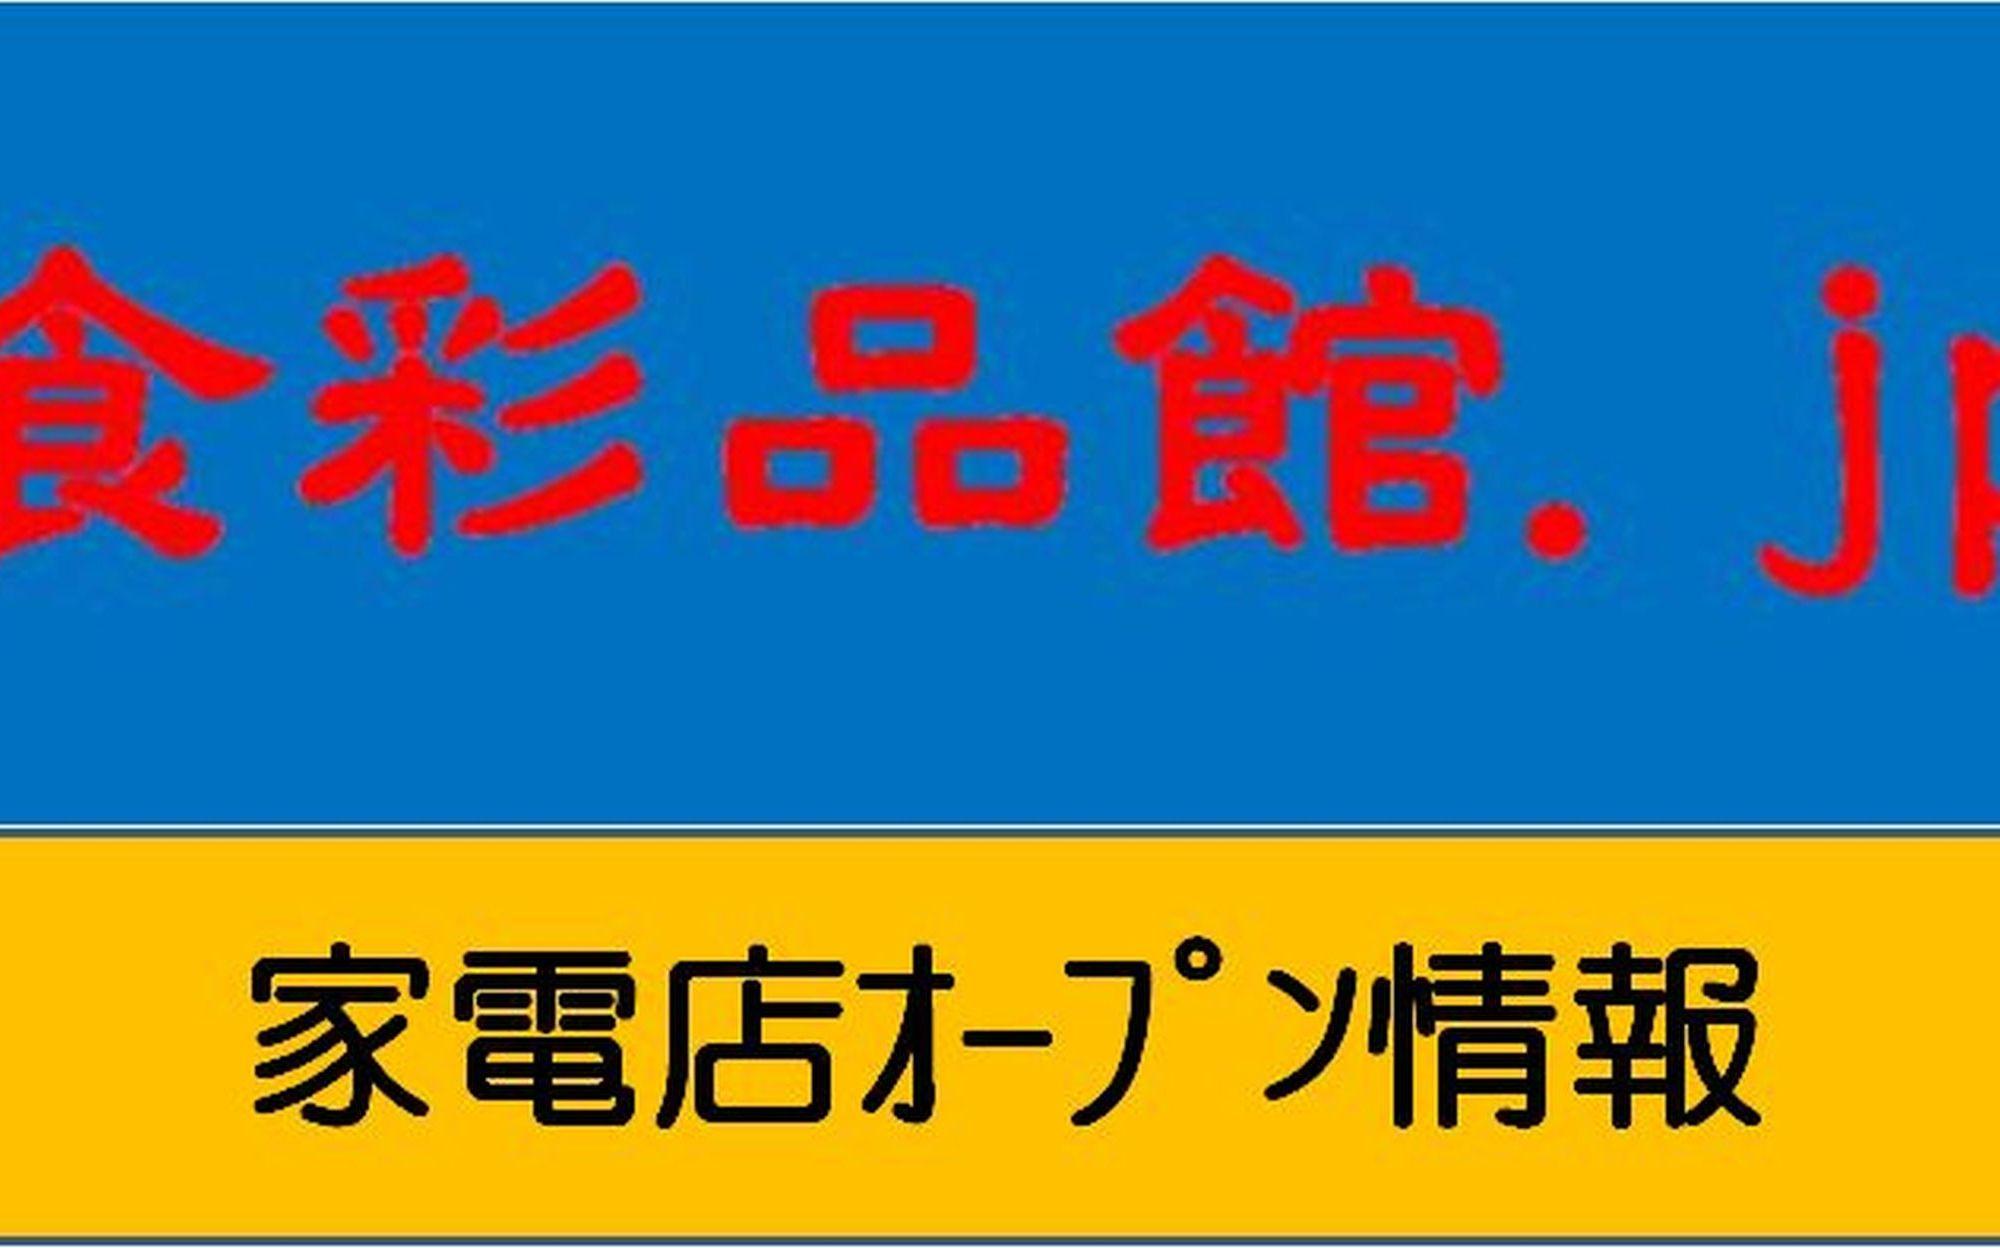 ケーズデンキ松本宮田店(長野県松本市)2020年6月21日オープン予定で大店立地届出